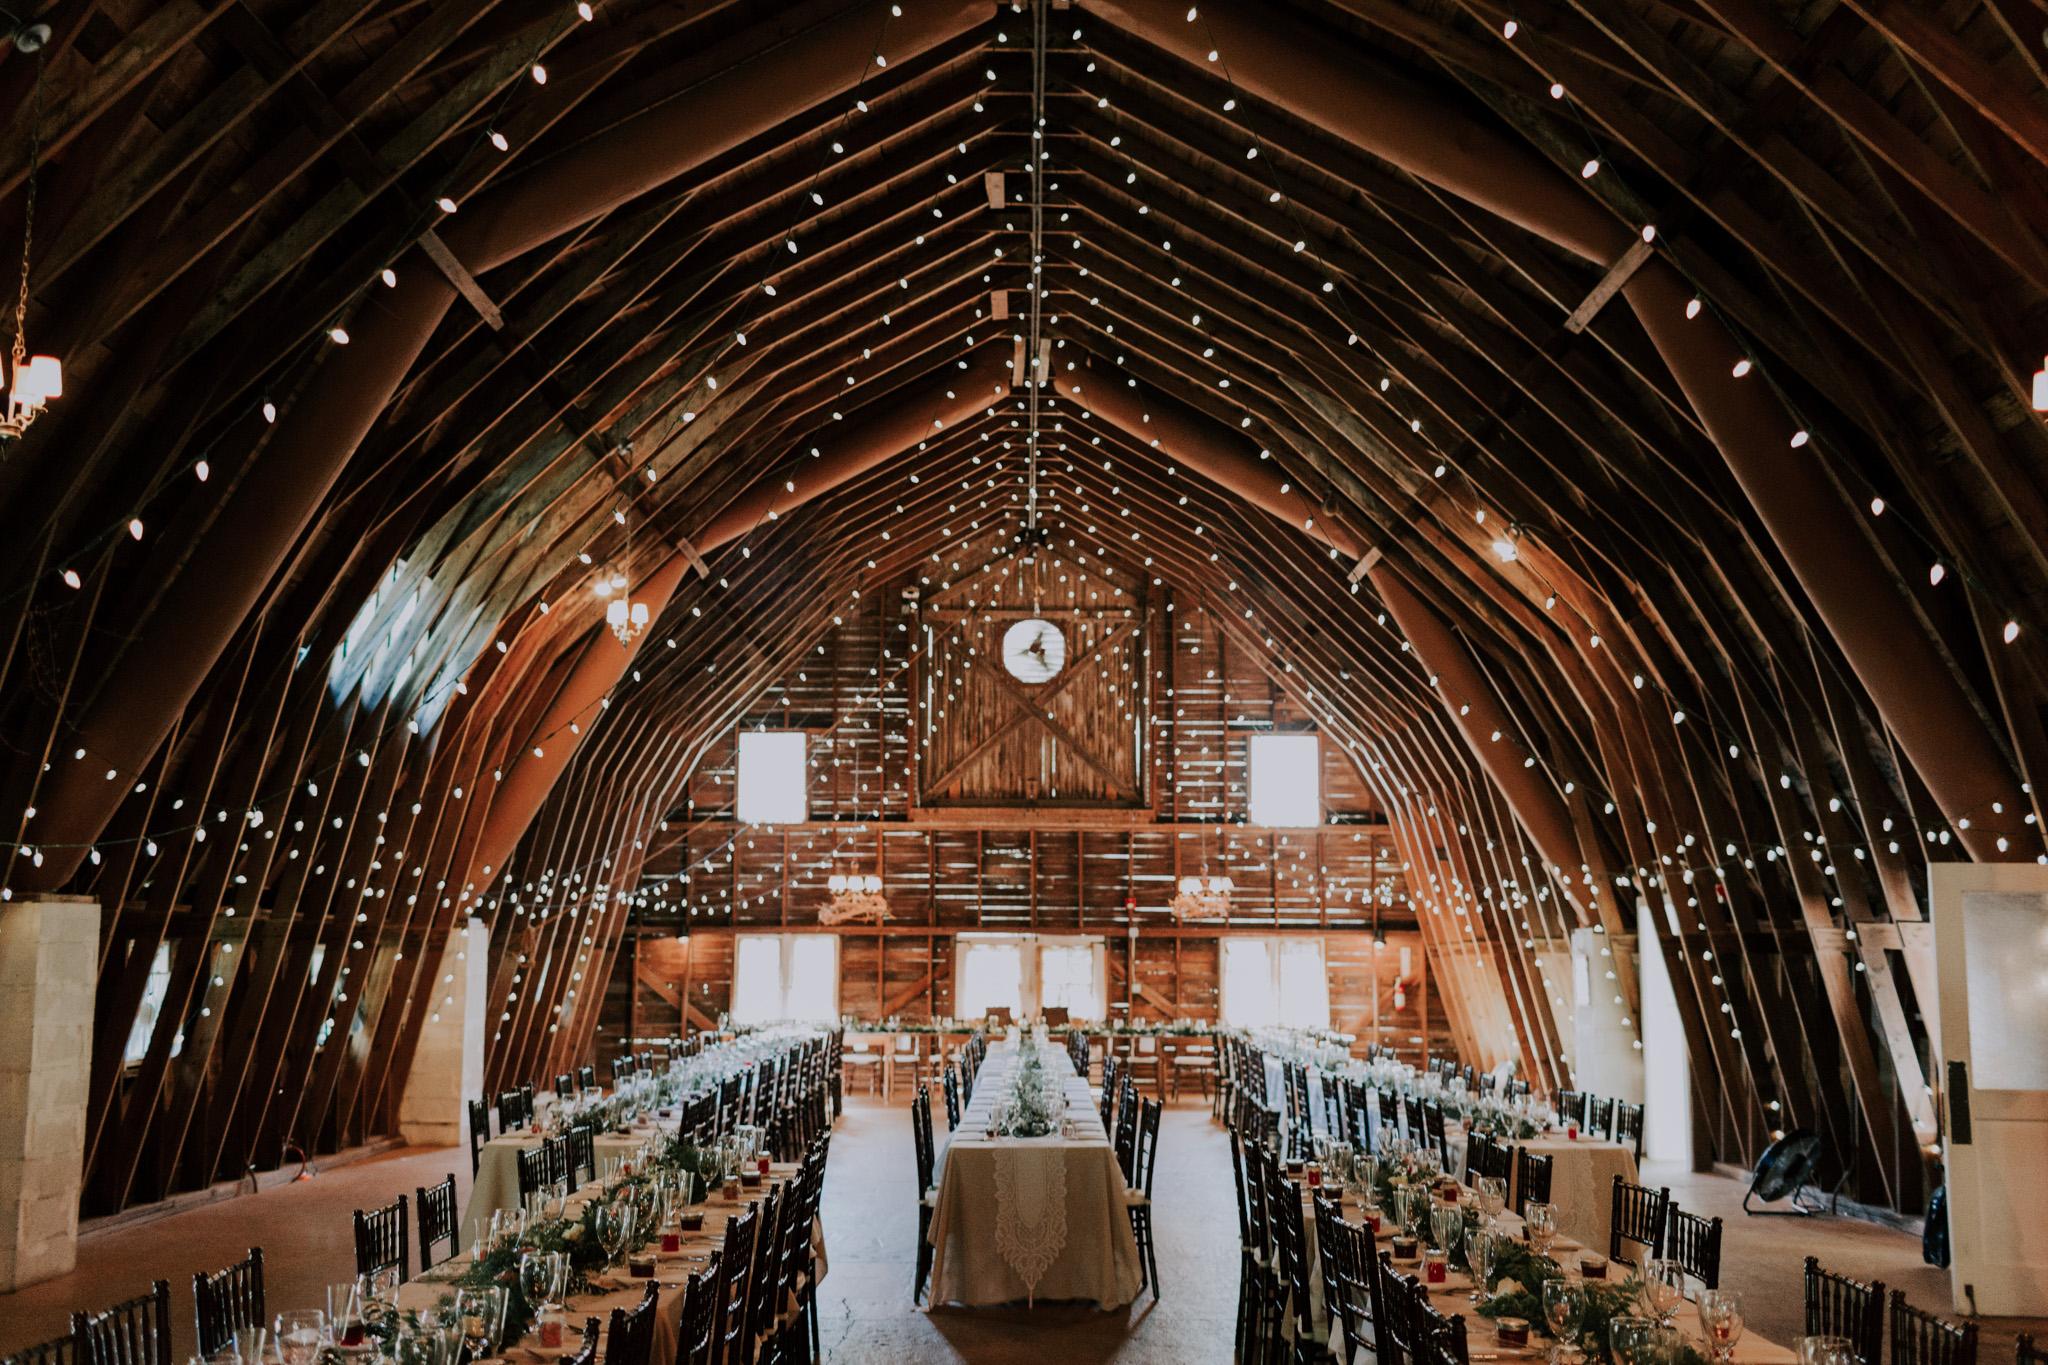 Blue-Dress-Barn-Michigan-Wedding-April-Seth-Vafa-Photo638.jpg